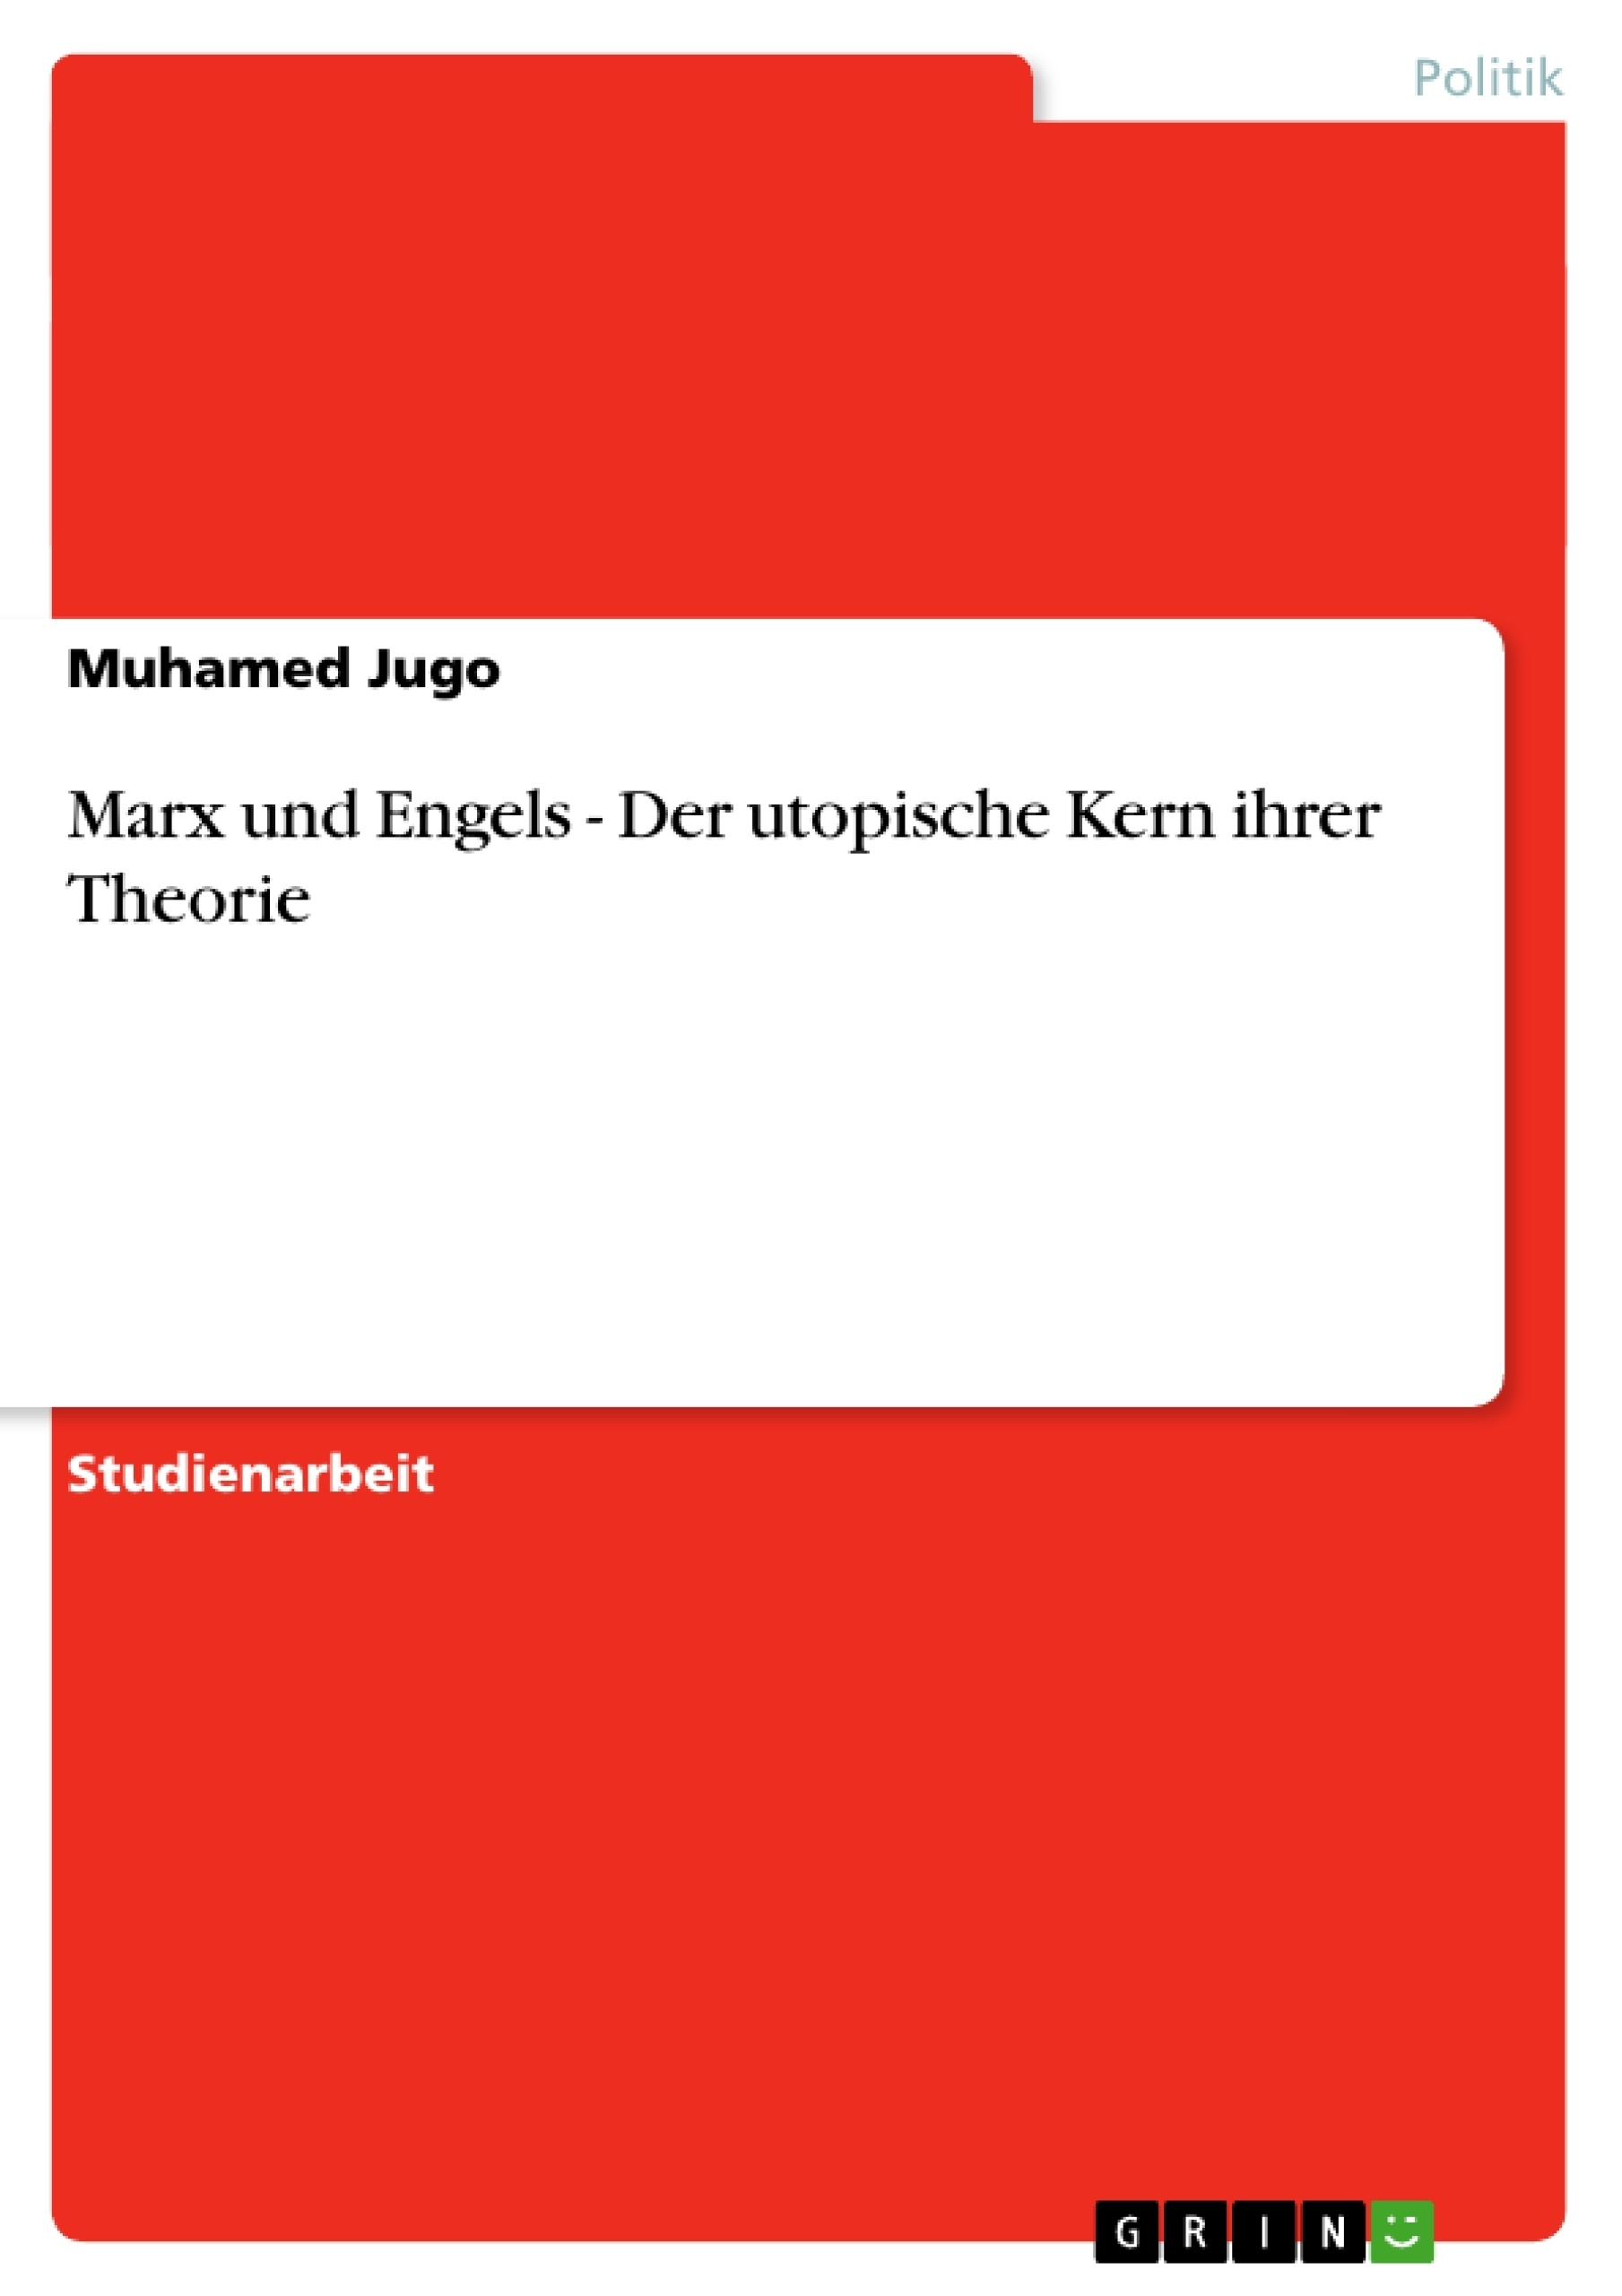 Titel: Marx und Engels - Der utopische Kern ihrer Theorie